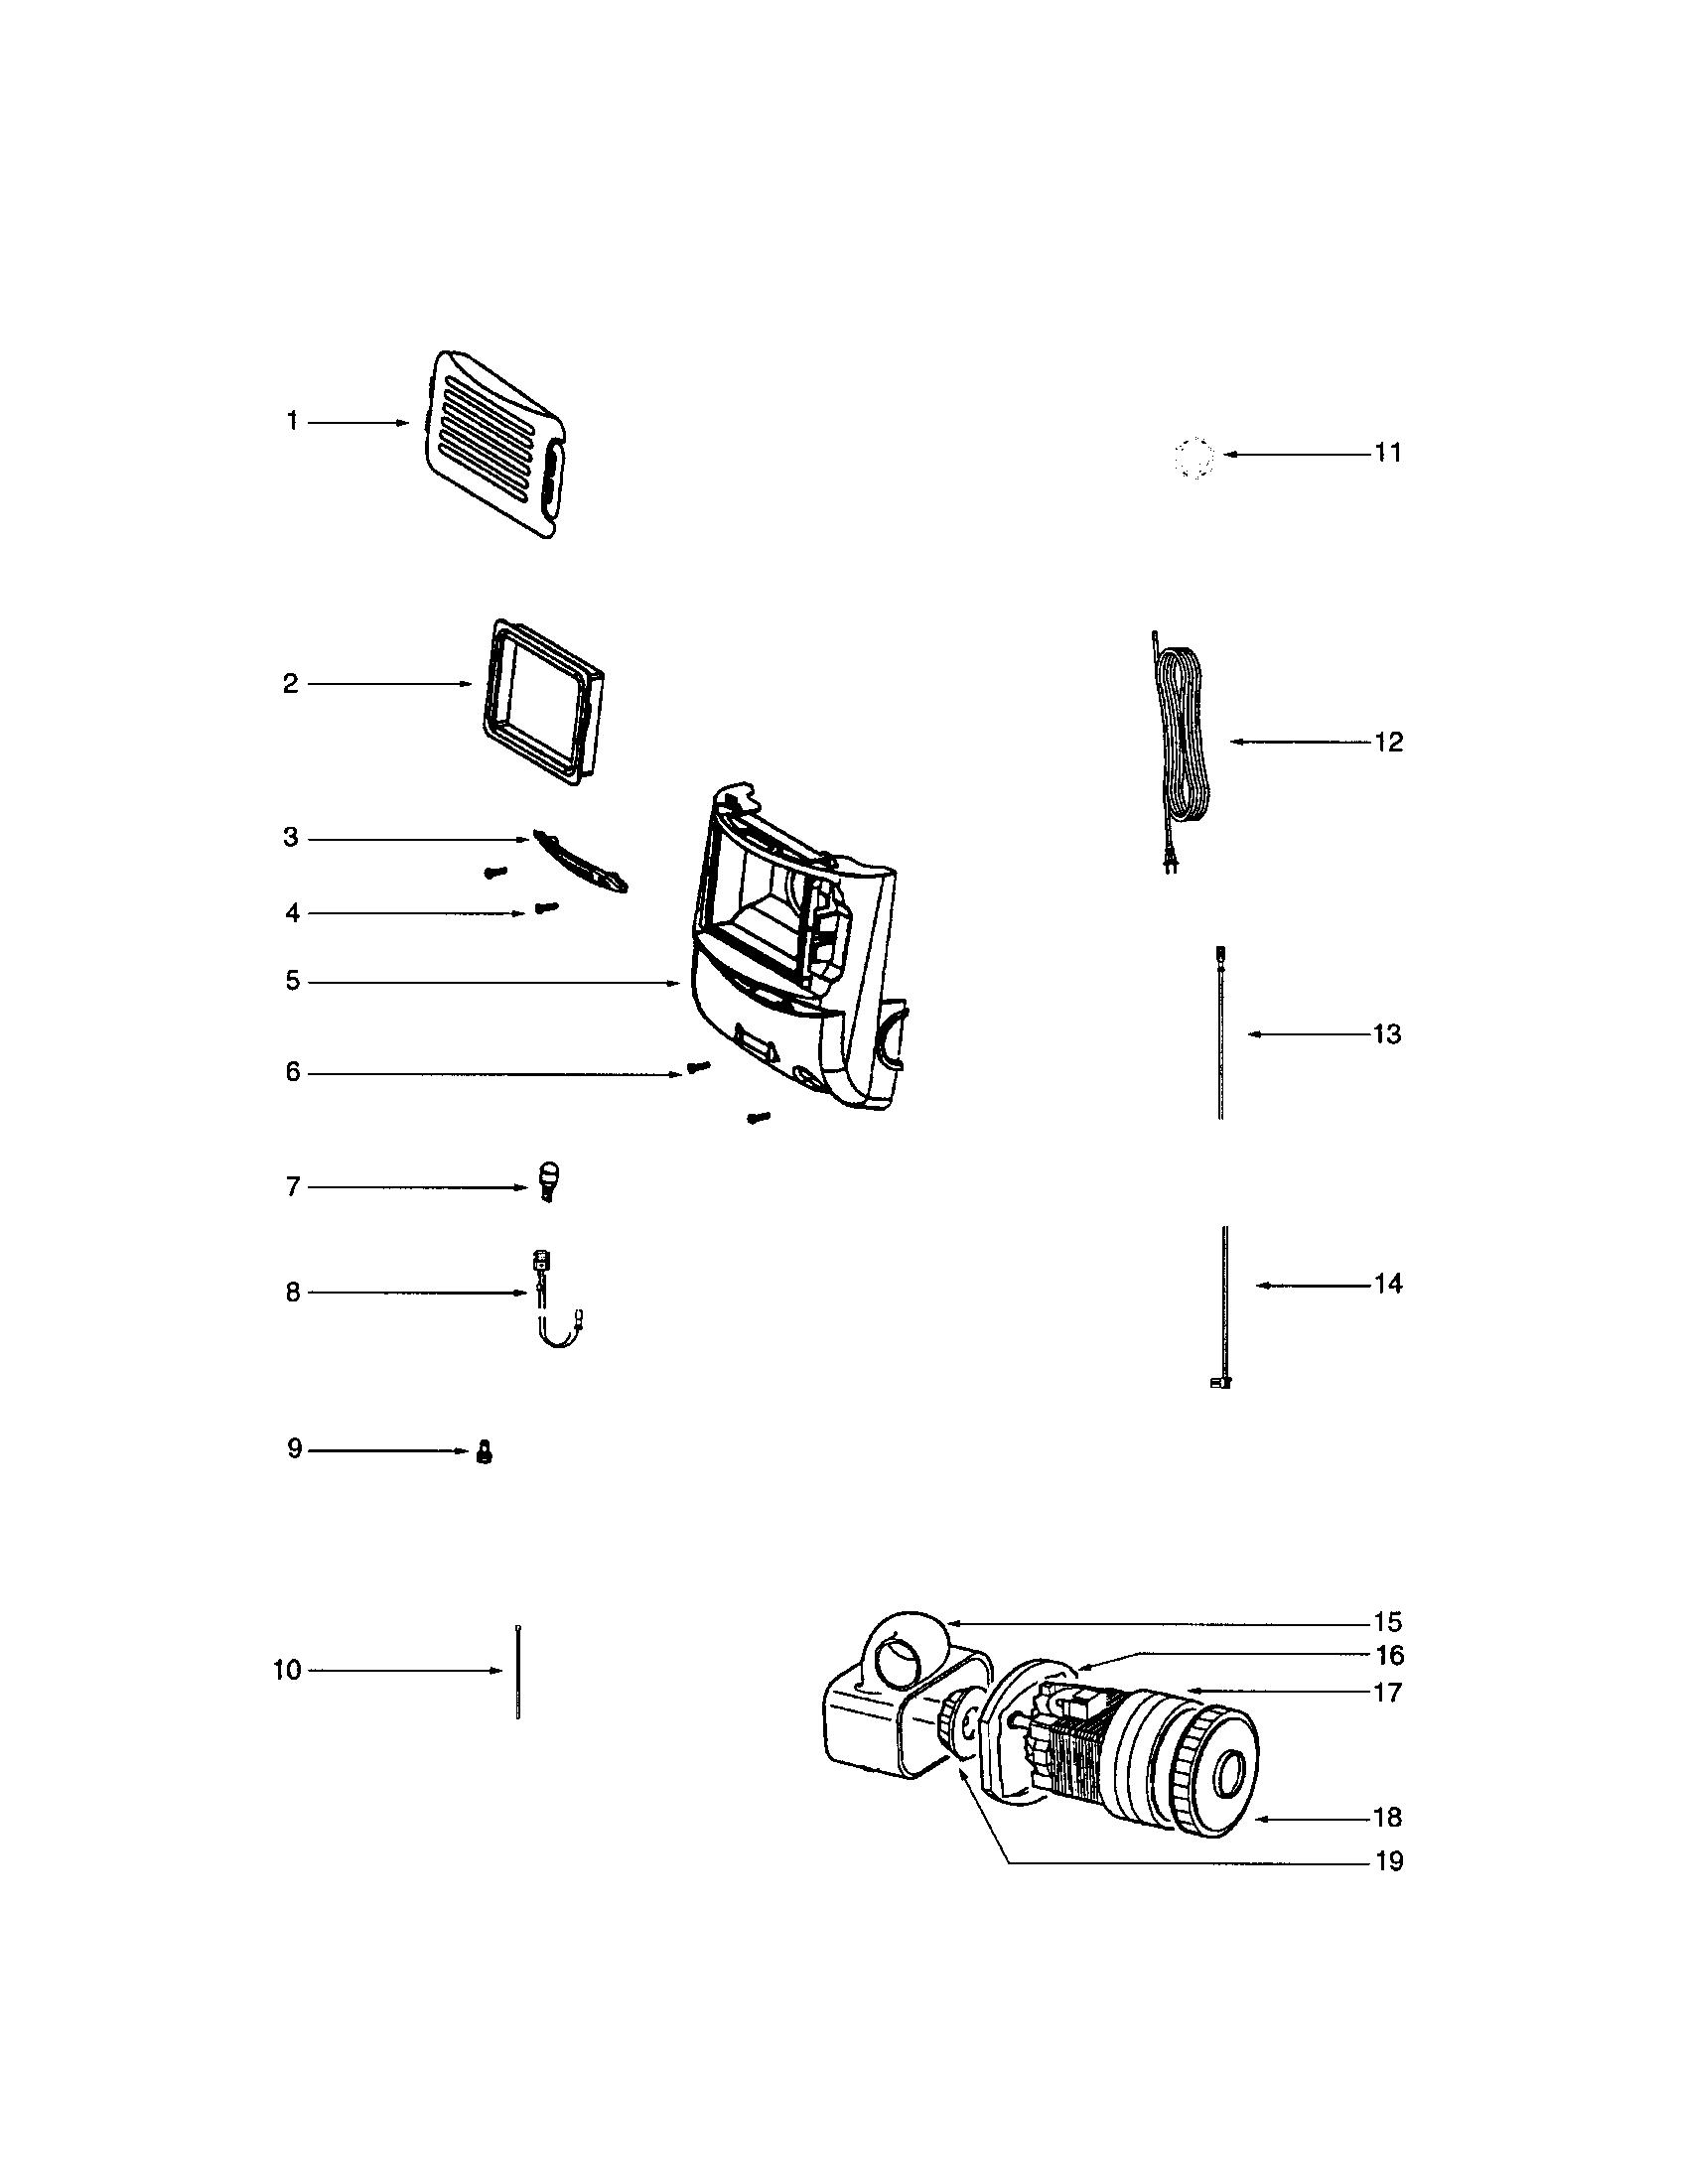 Beam Rugmaster Plus Wiring Diagram - 230 Vac Gfci Wiring Diagram -  vww-69.yenpancane.jeanjaures37.fr | Beam Rugmaster Plus Wiring Diagram |  | Wiring Diagram Resource